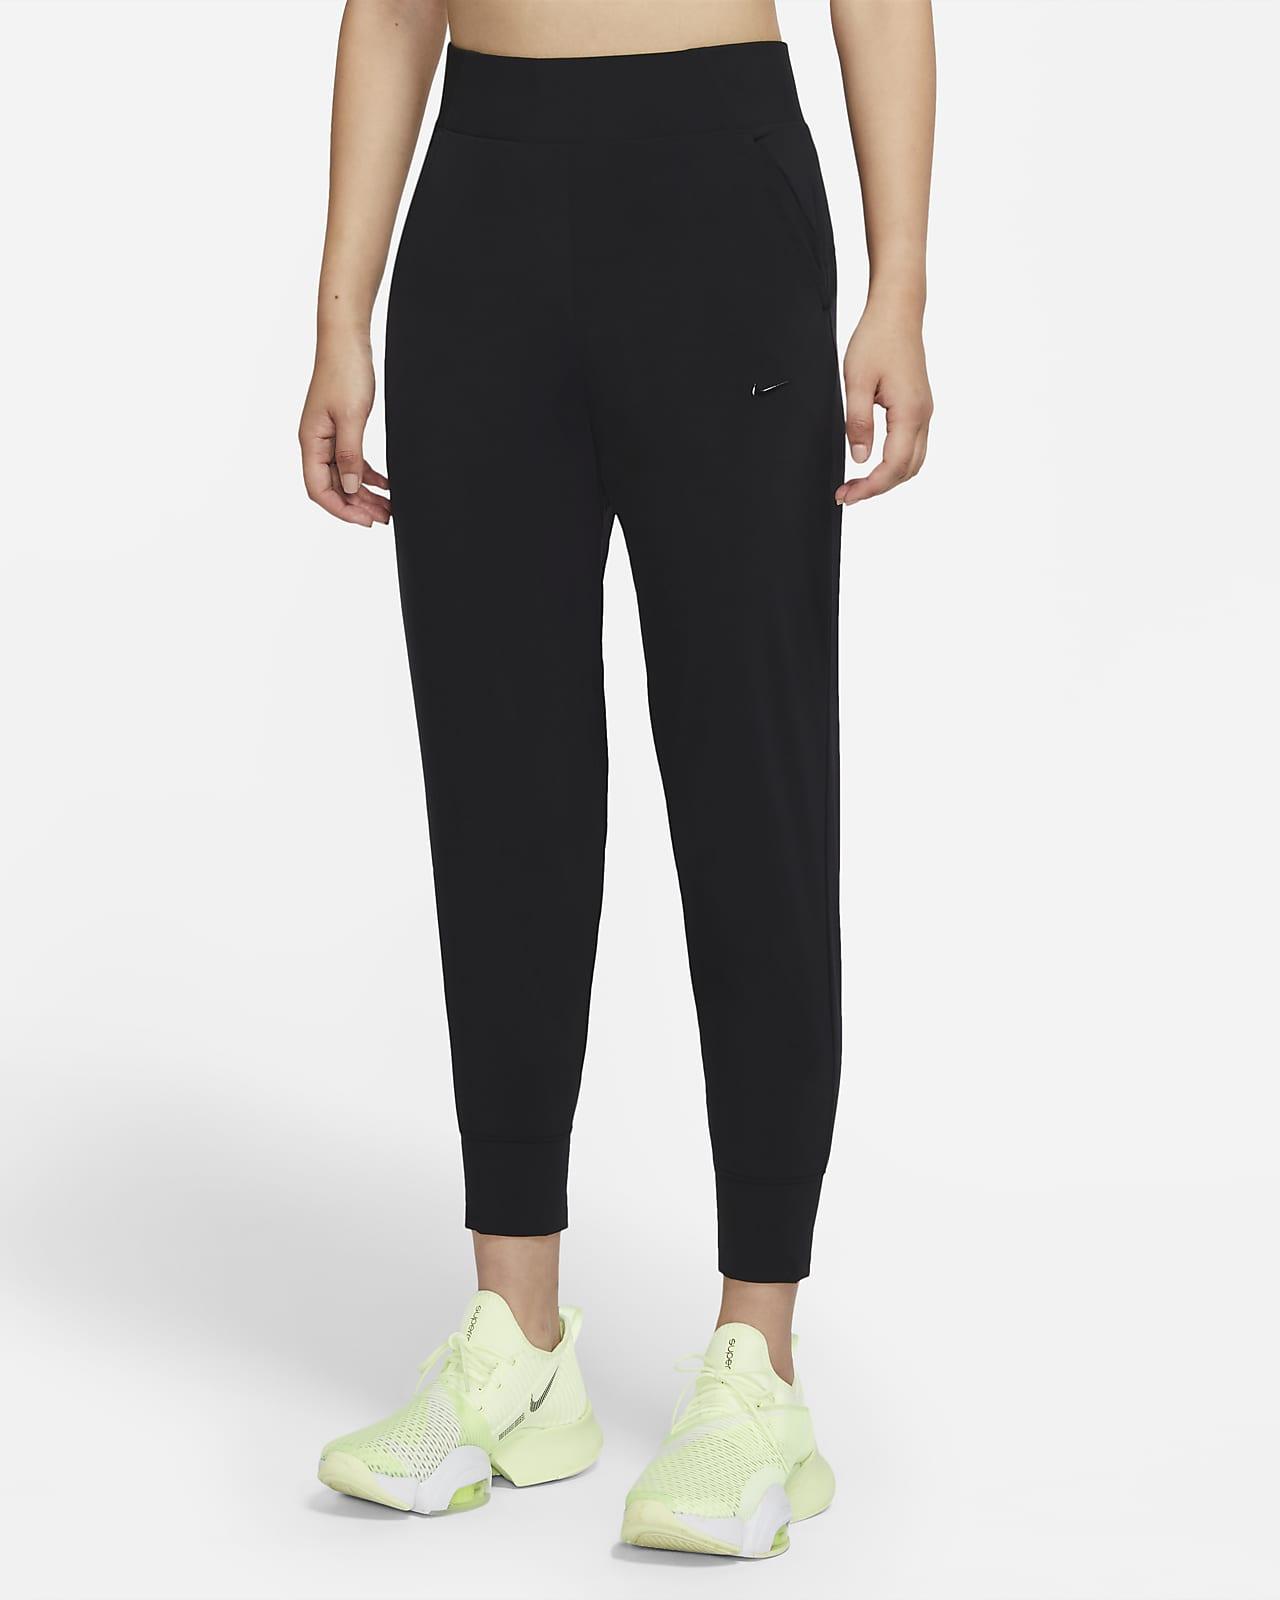 กางเกงเทรนนิ่งผู้หญิง Nike Bliss Luxe